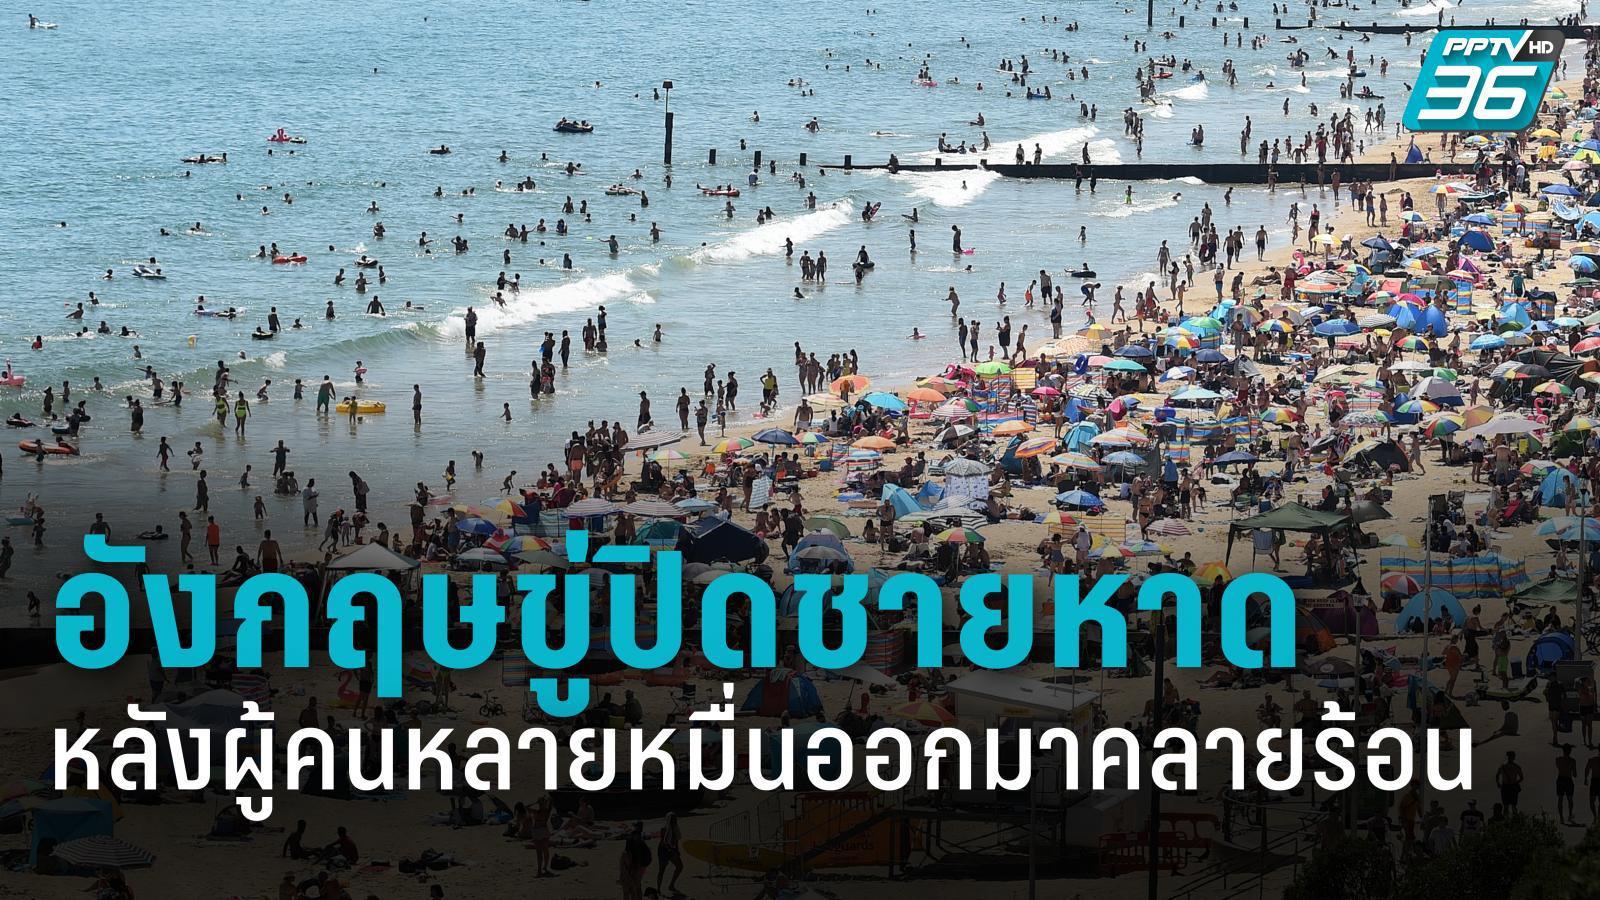 อังกฤษขู่ปิดชายหาด หลังประชาชนนับหมื่นออกมาเที่ยวไม่สนโควิด-19